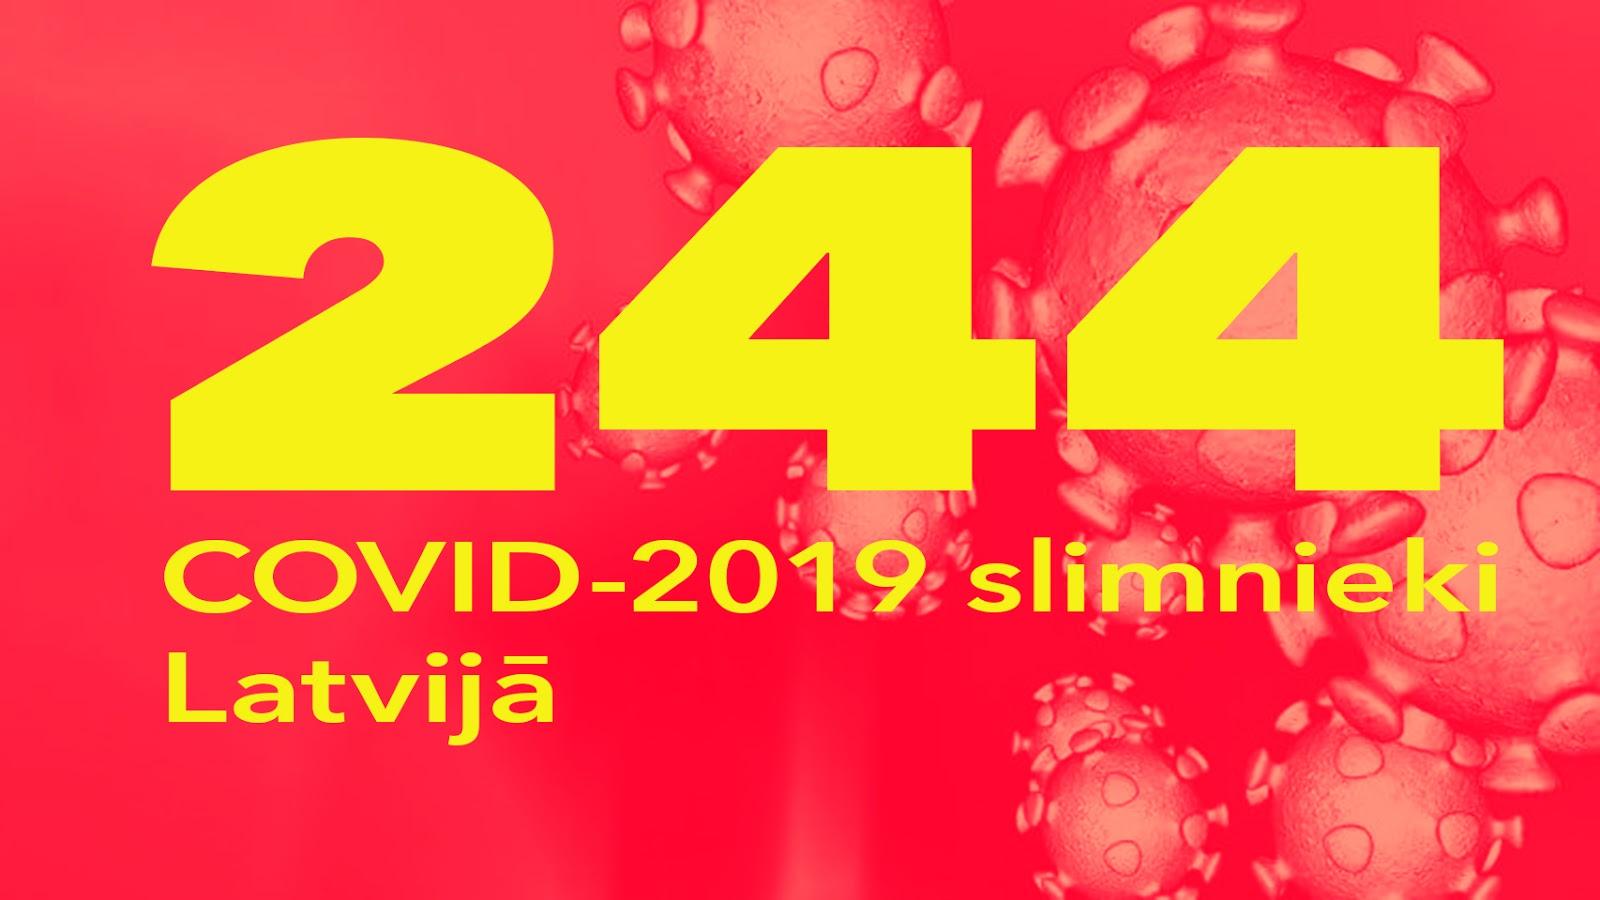 Koronavīrusa saslimušo skaits Latvijā 26.03.2020.